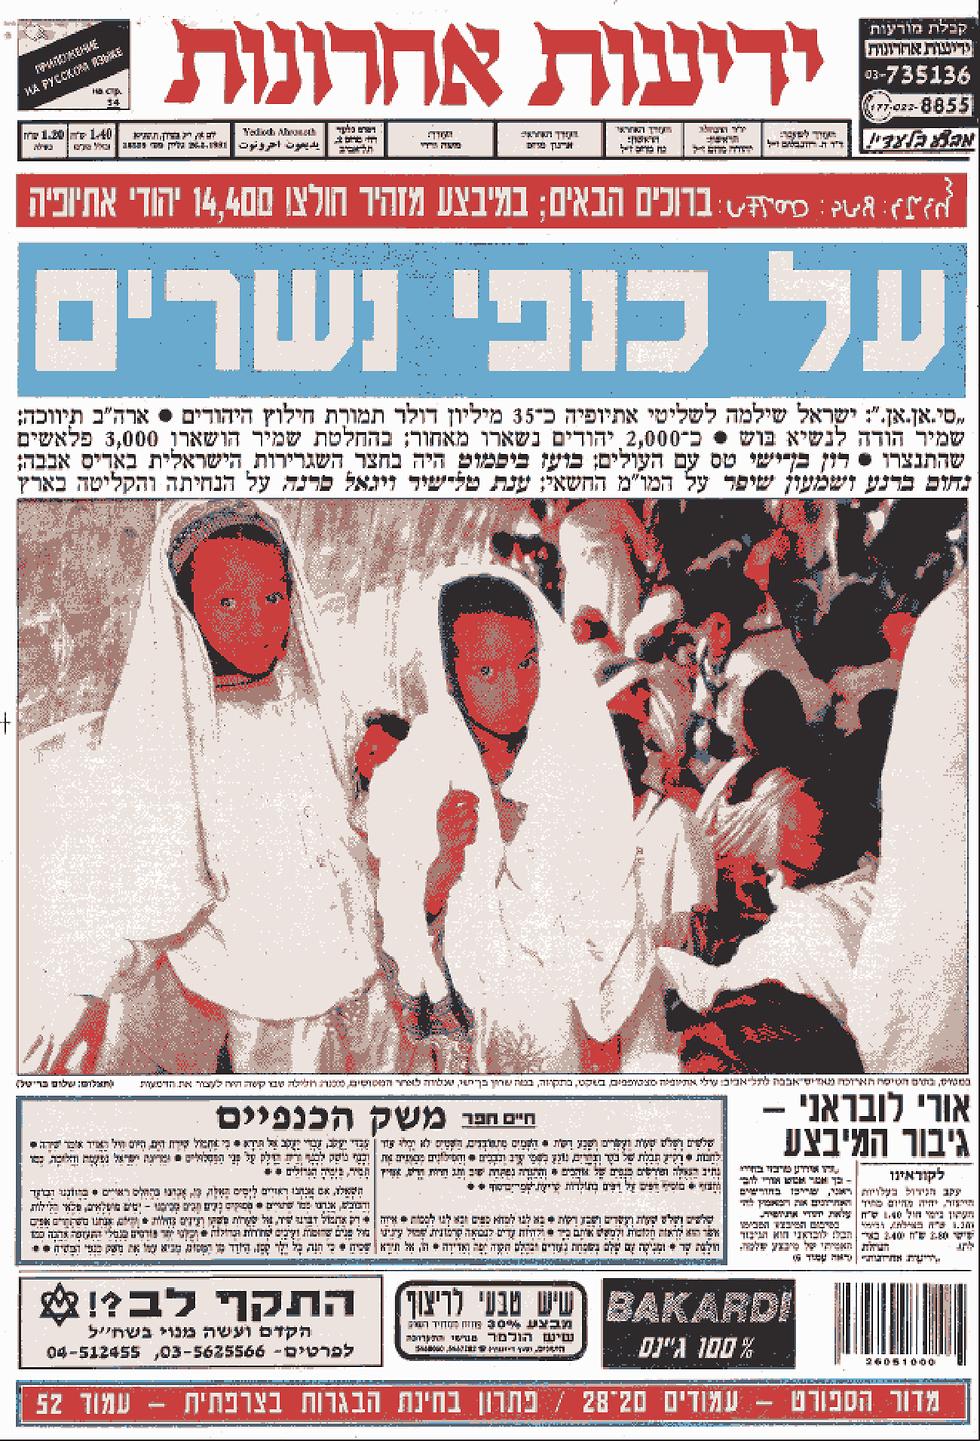 """הכותרת ב""""ידיעות אחרונות"""" לאחר נחיתת יהודי אתיופיה (צילום: באדיבות ארכיון ידיעות אחרונות) (צילום: באדיבות ארכיון ידיעות אחרונות)"""